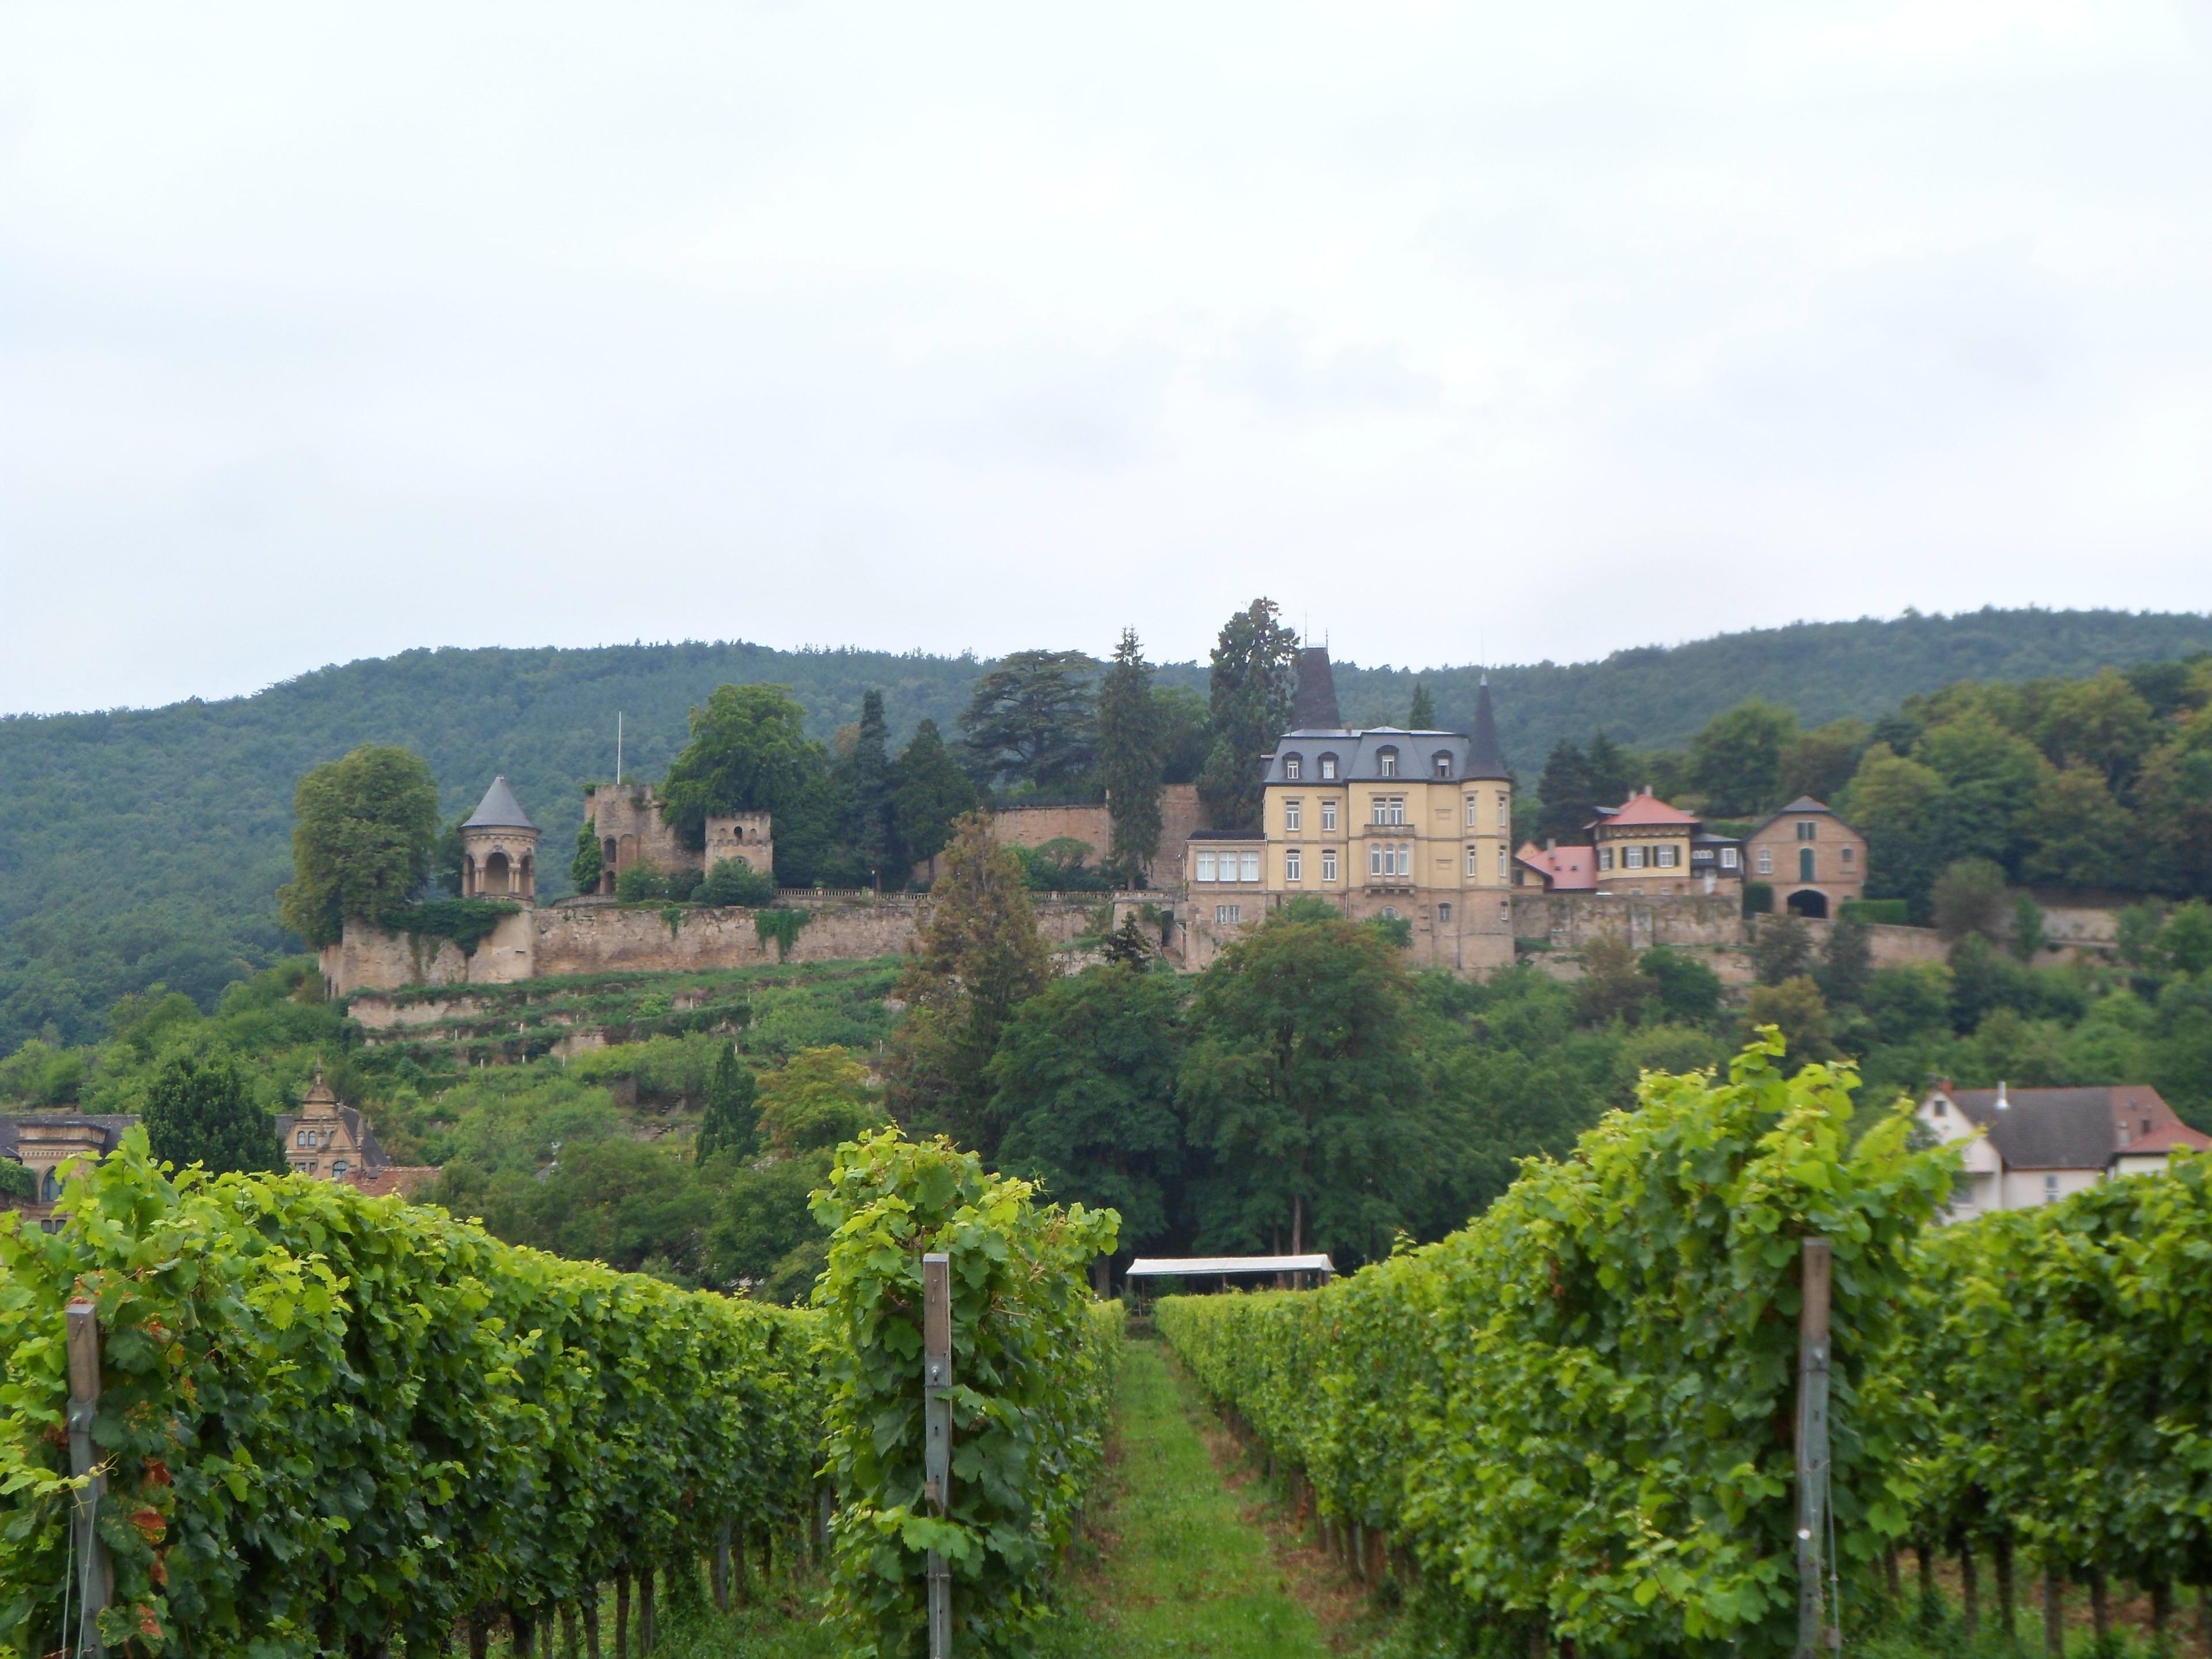 Neustadt-Haardt, Neustadt an der Weinstraße, Rheinland-Pfalz, Deutschland